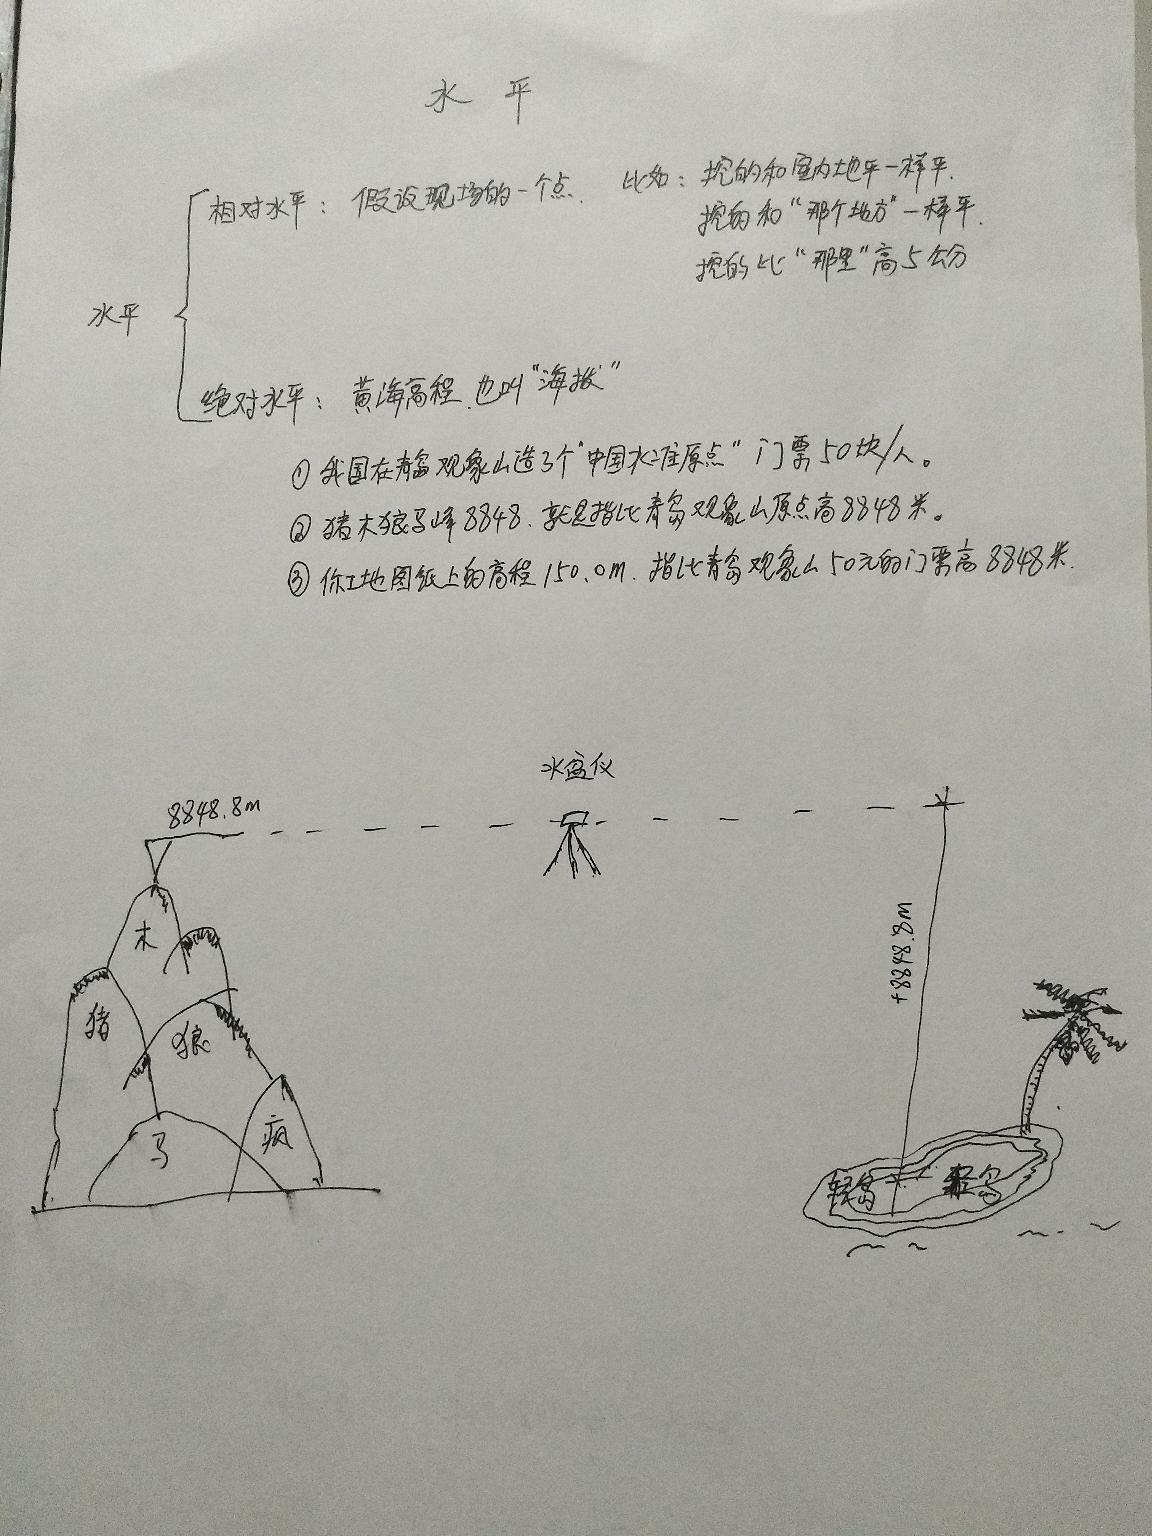 【操作技巧】谈谈工地现场的水平!